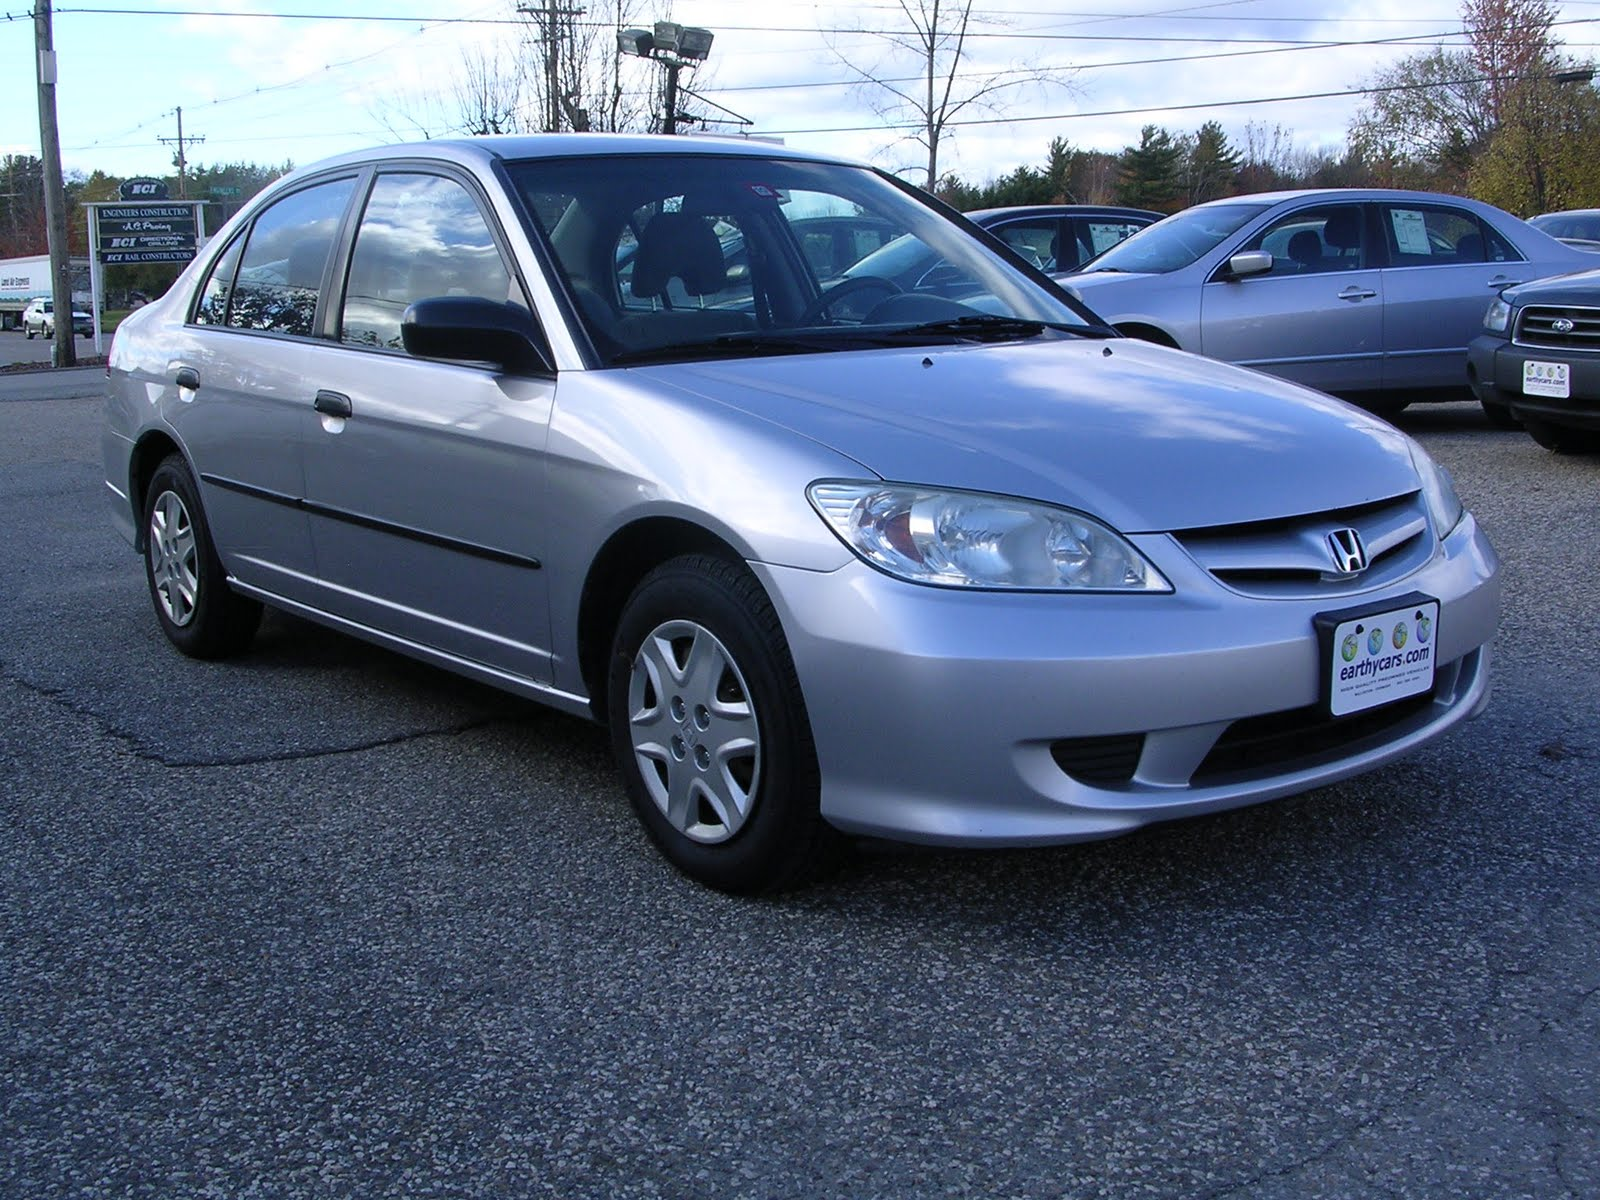 Earthy Cars Blog Earthy Cars Spotlight 12 10 2010